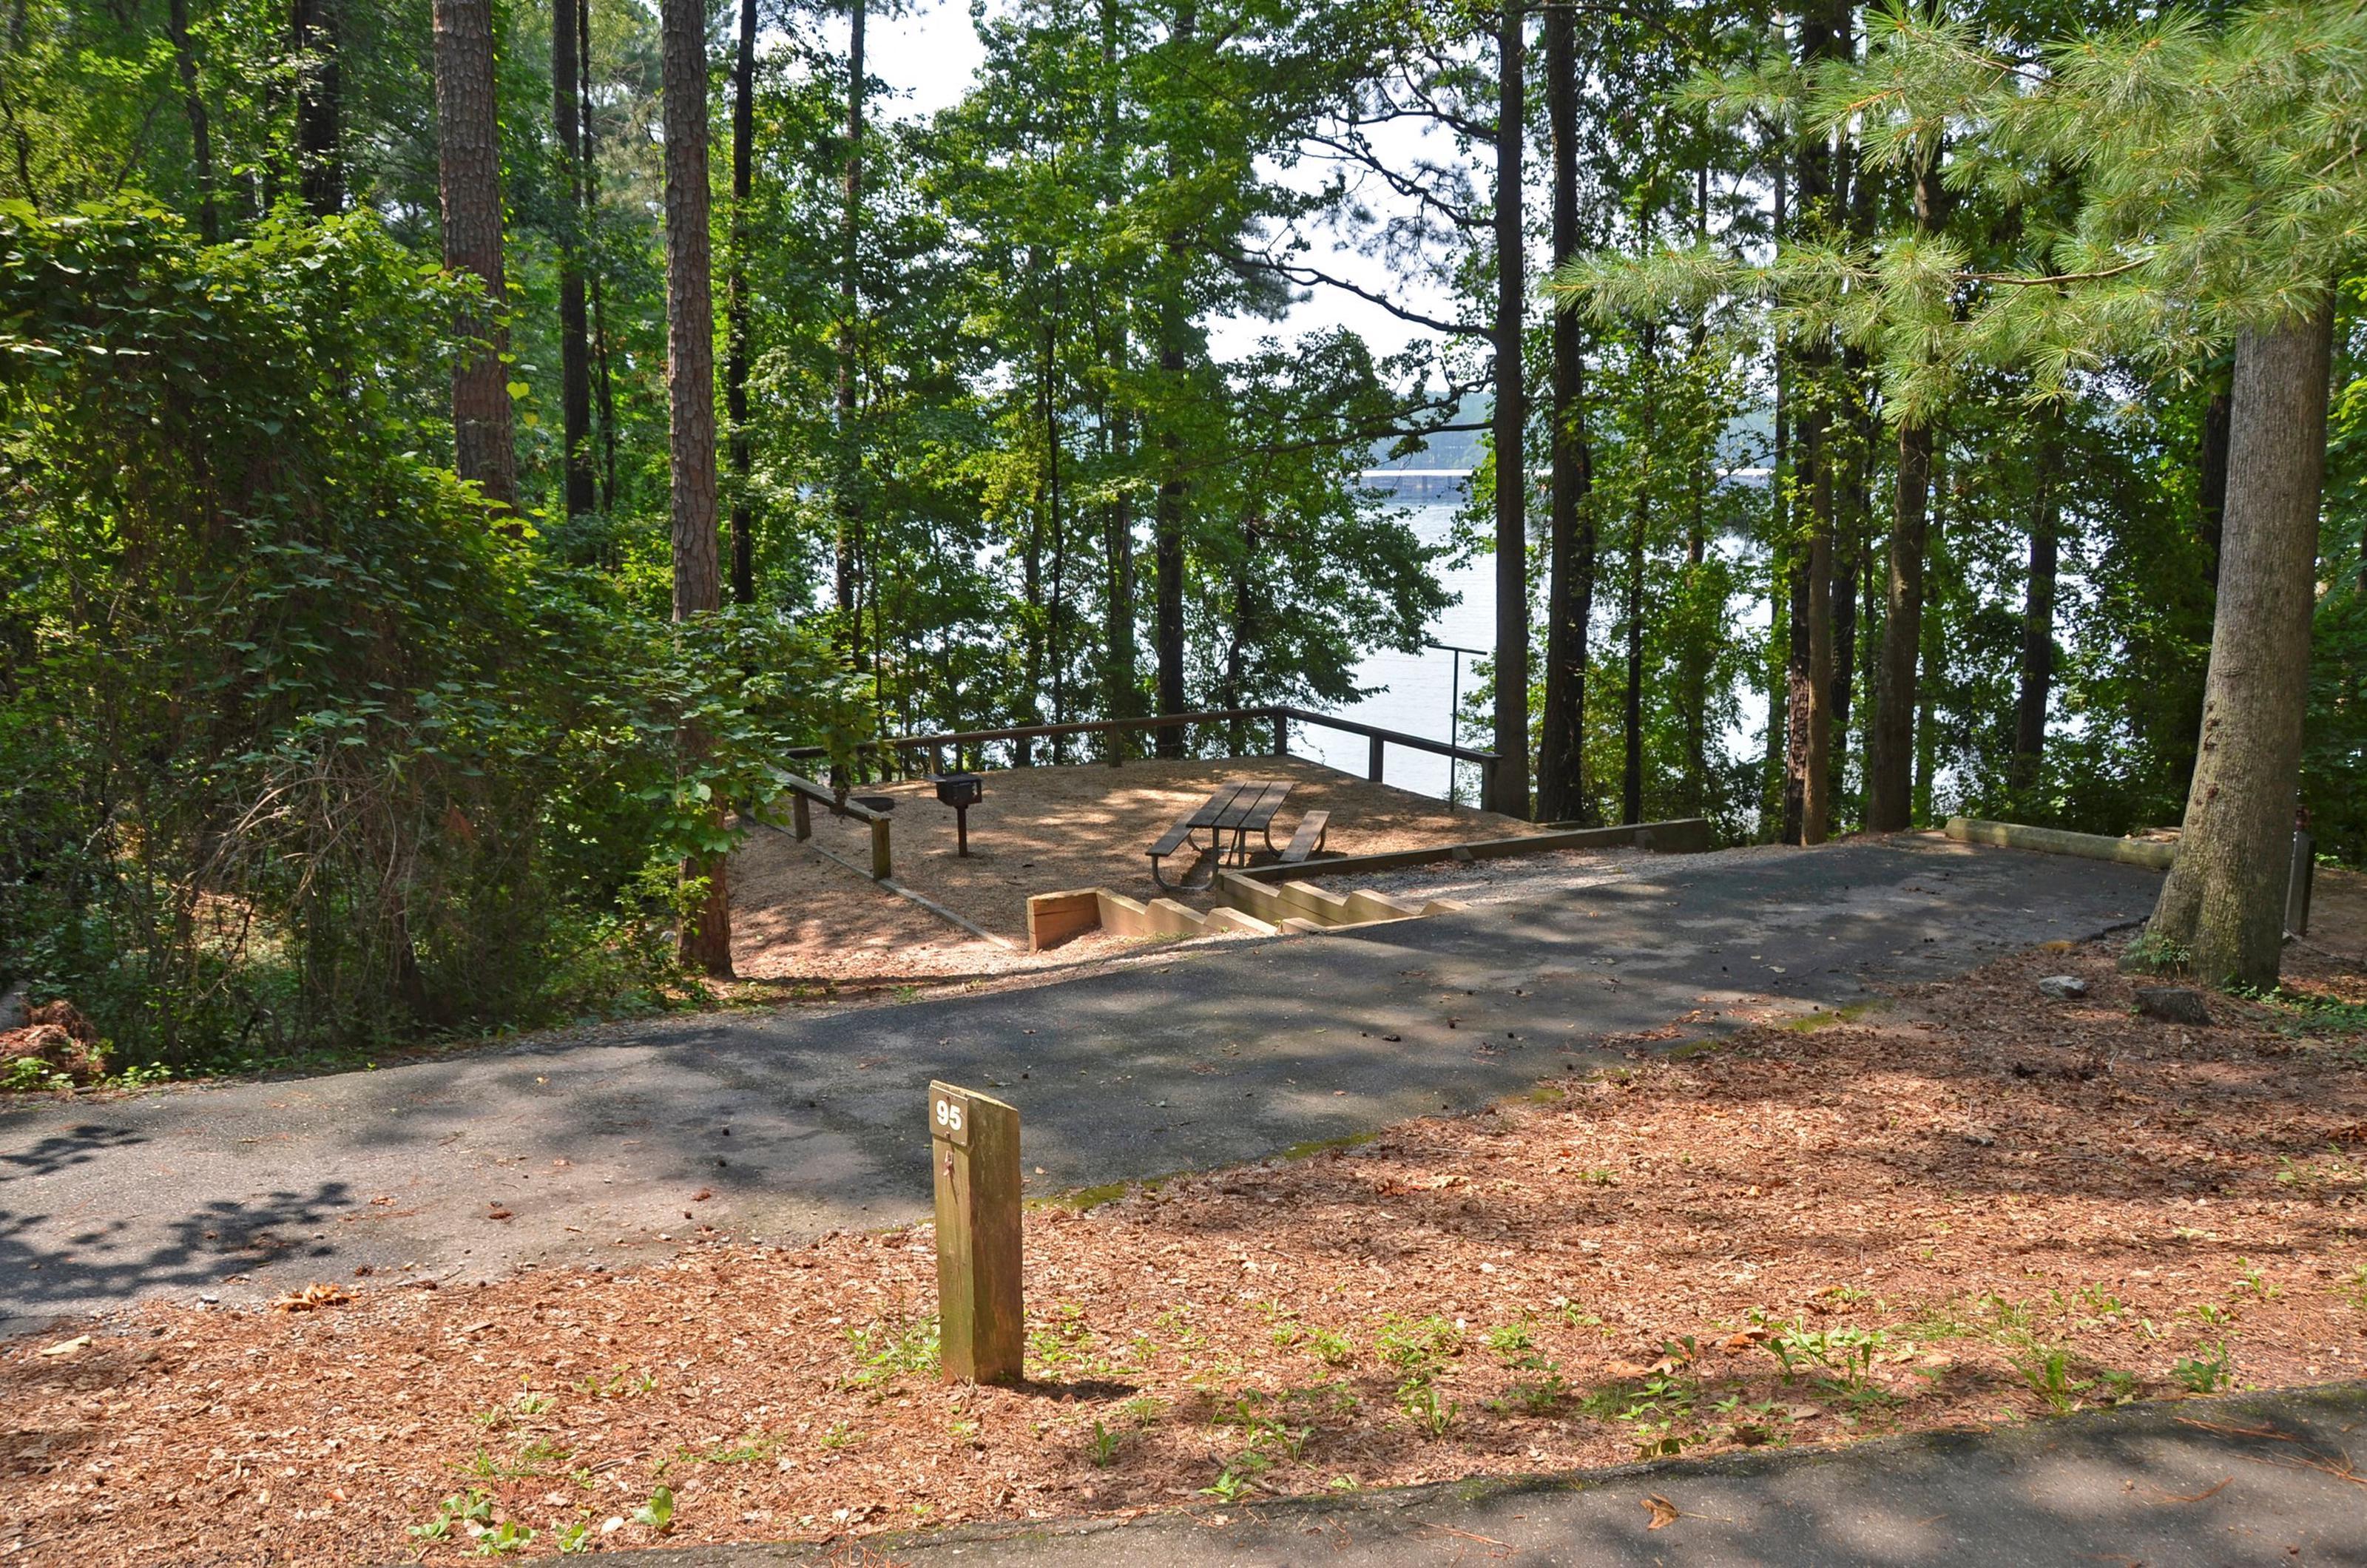 McKinney Campground Site 95